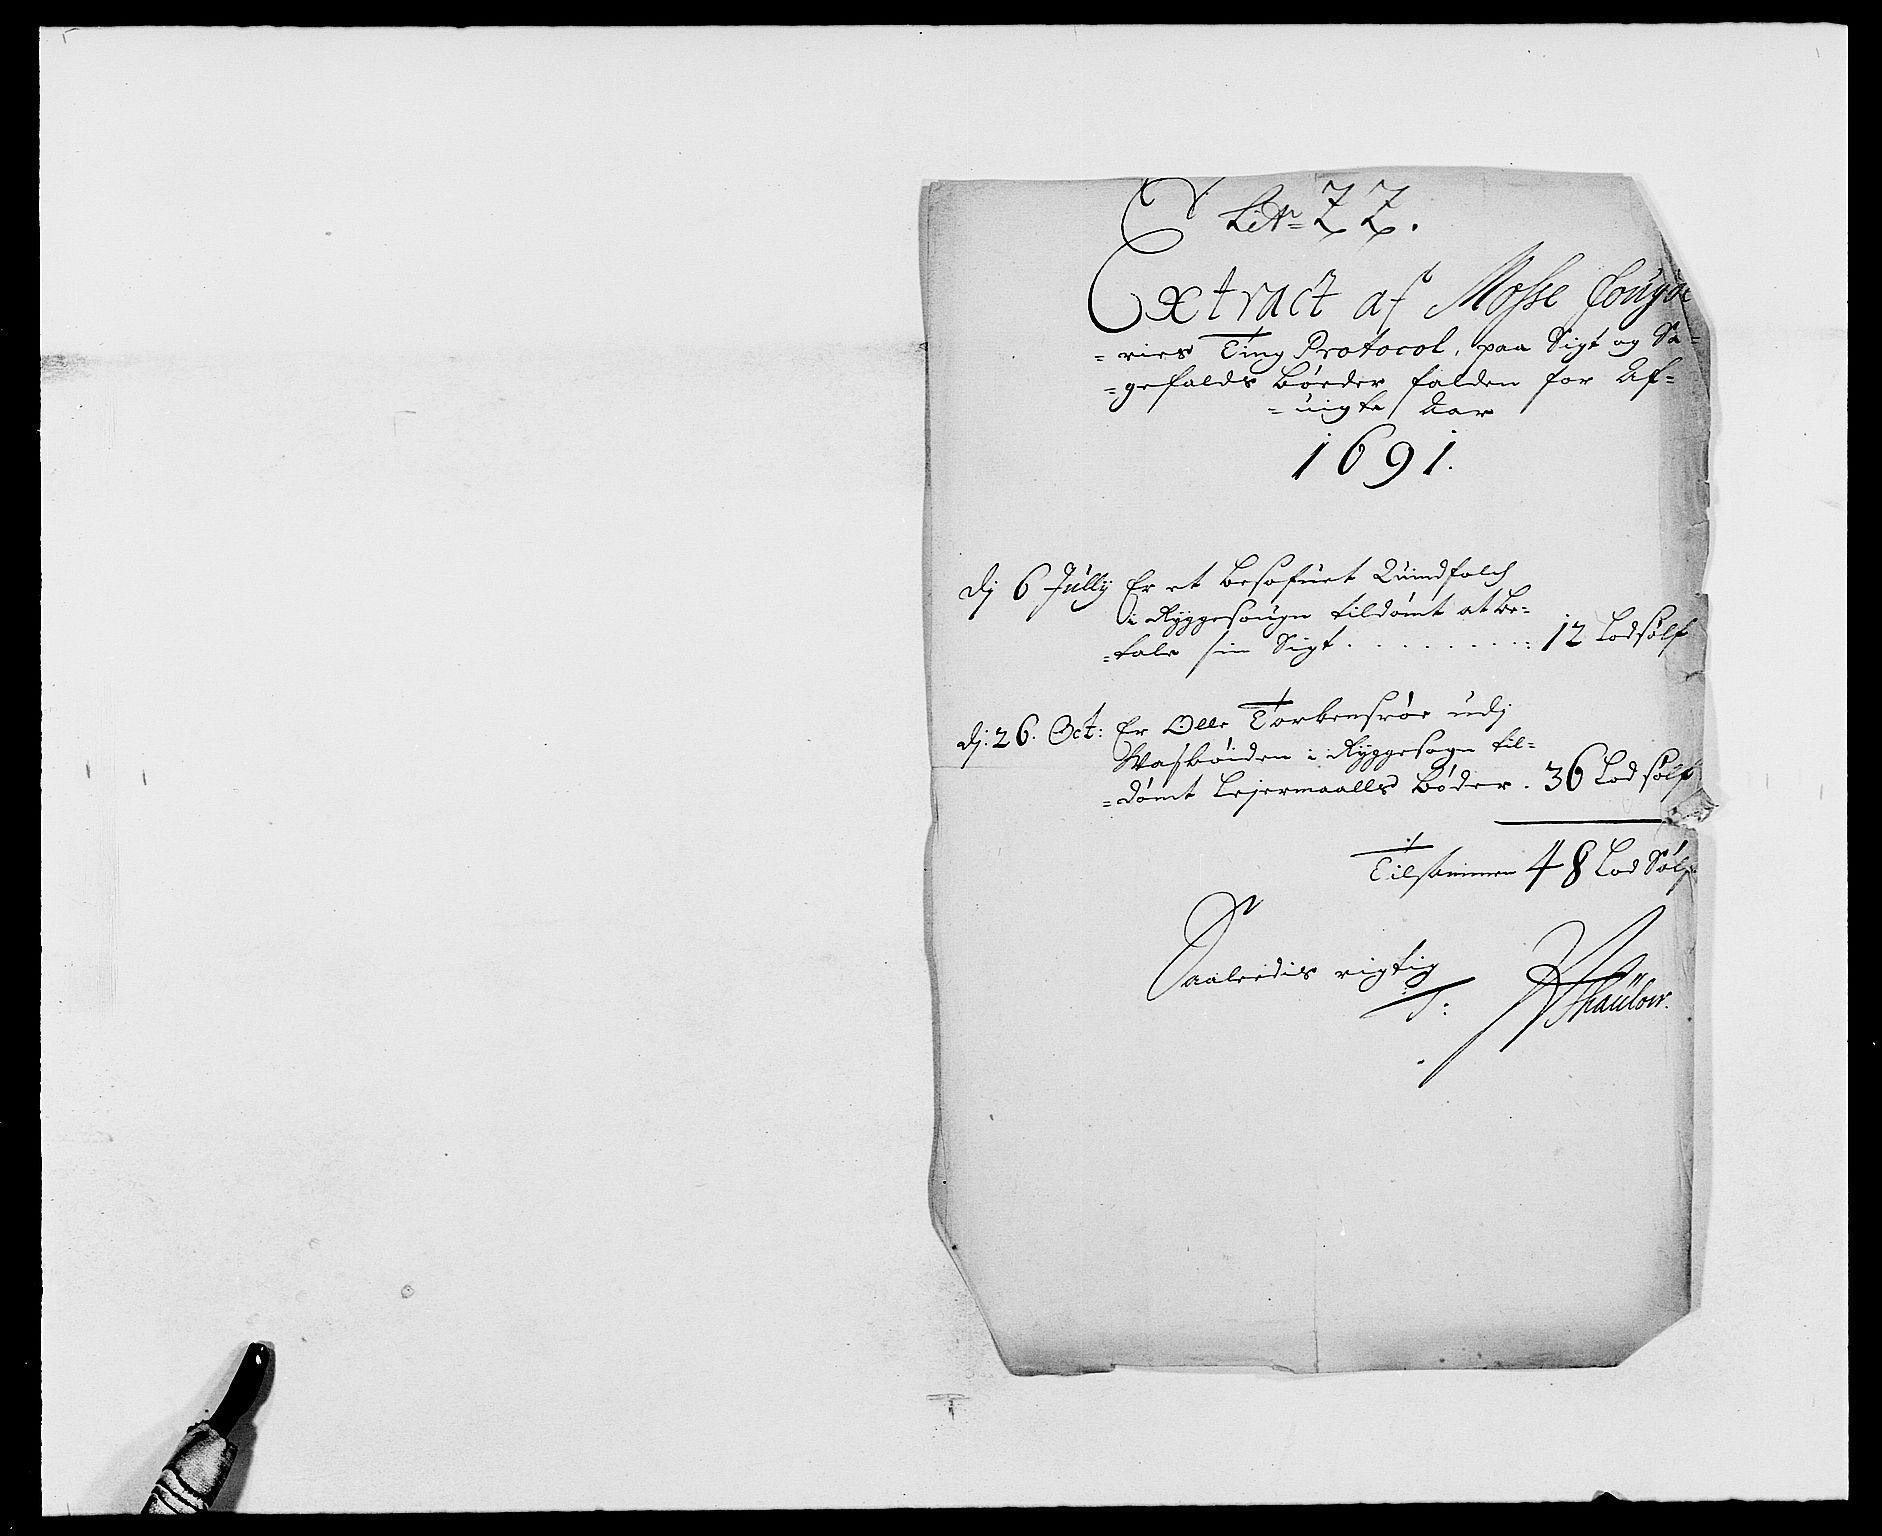 RA, Rentekammeret inntil 1814, Reviderte regnskaper, Fogderegnskap, R02/L0106: Fogderegnskap Moss og Verne kloster, 1688-1691, s. 483